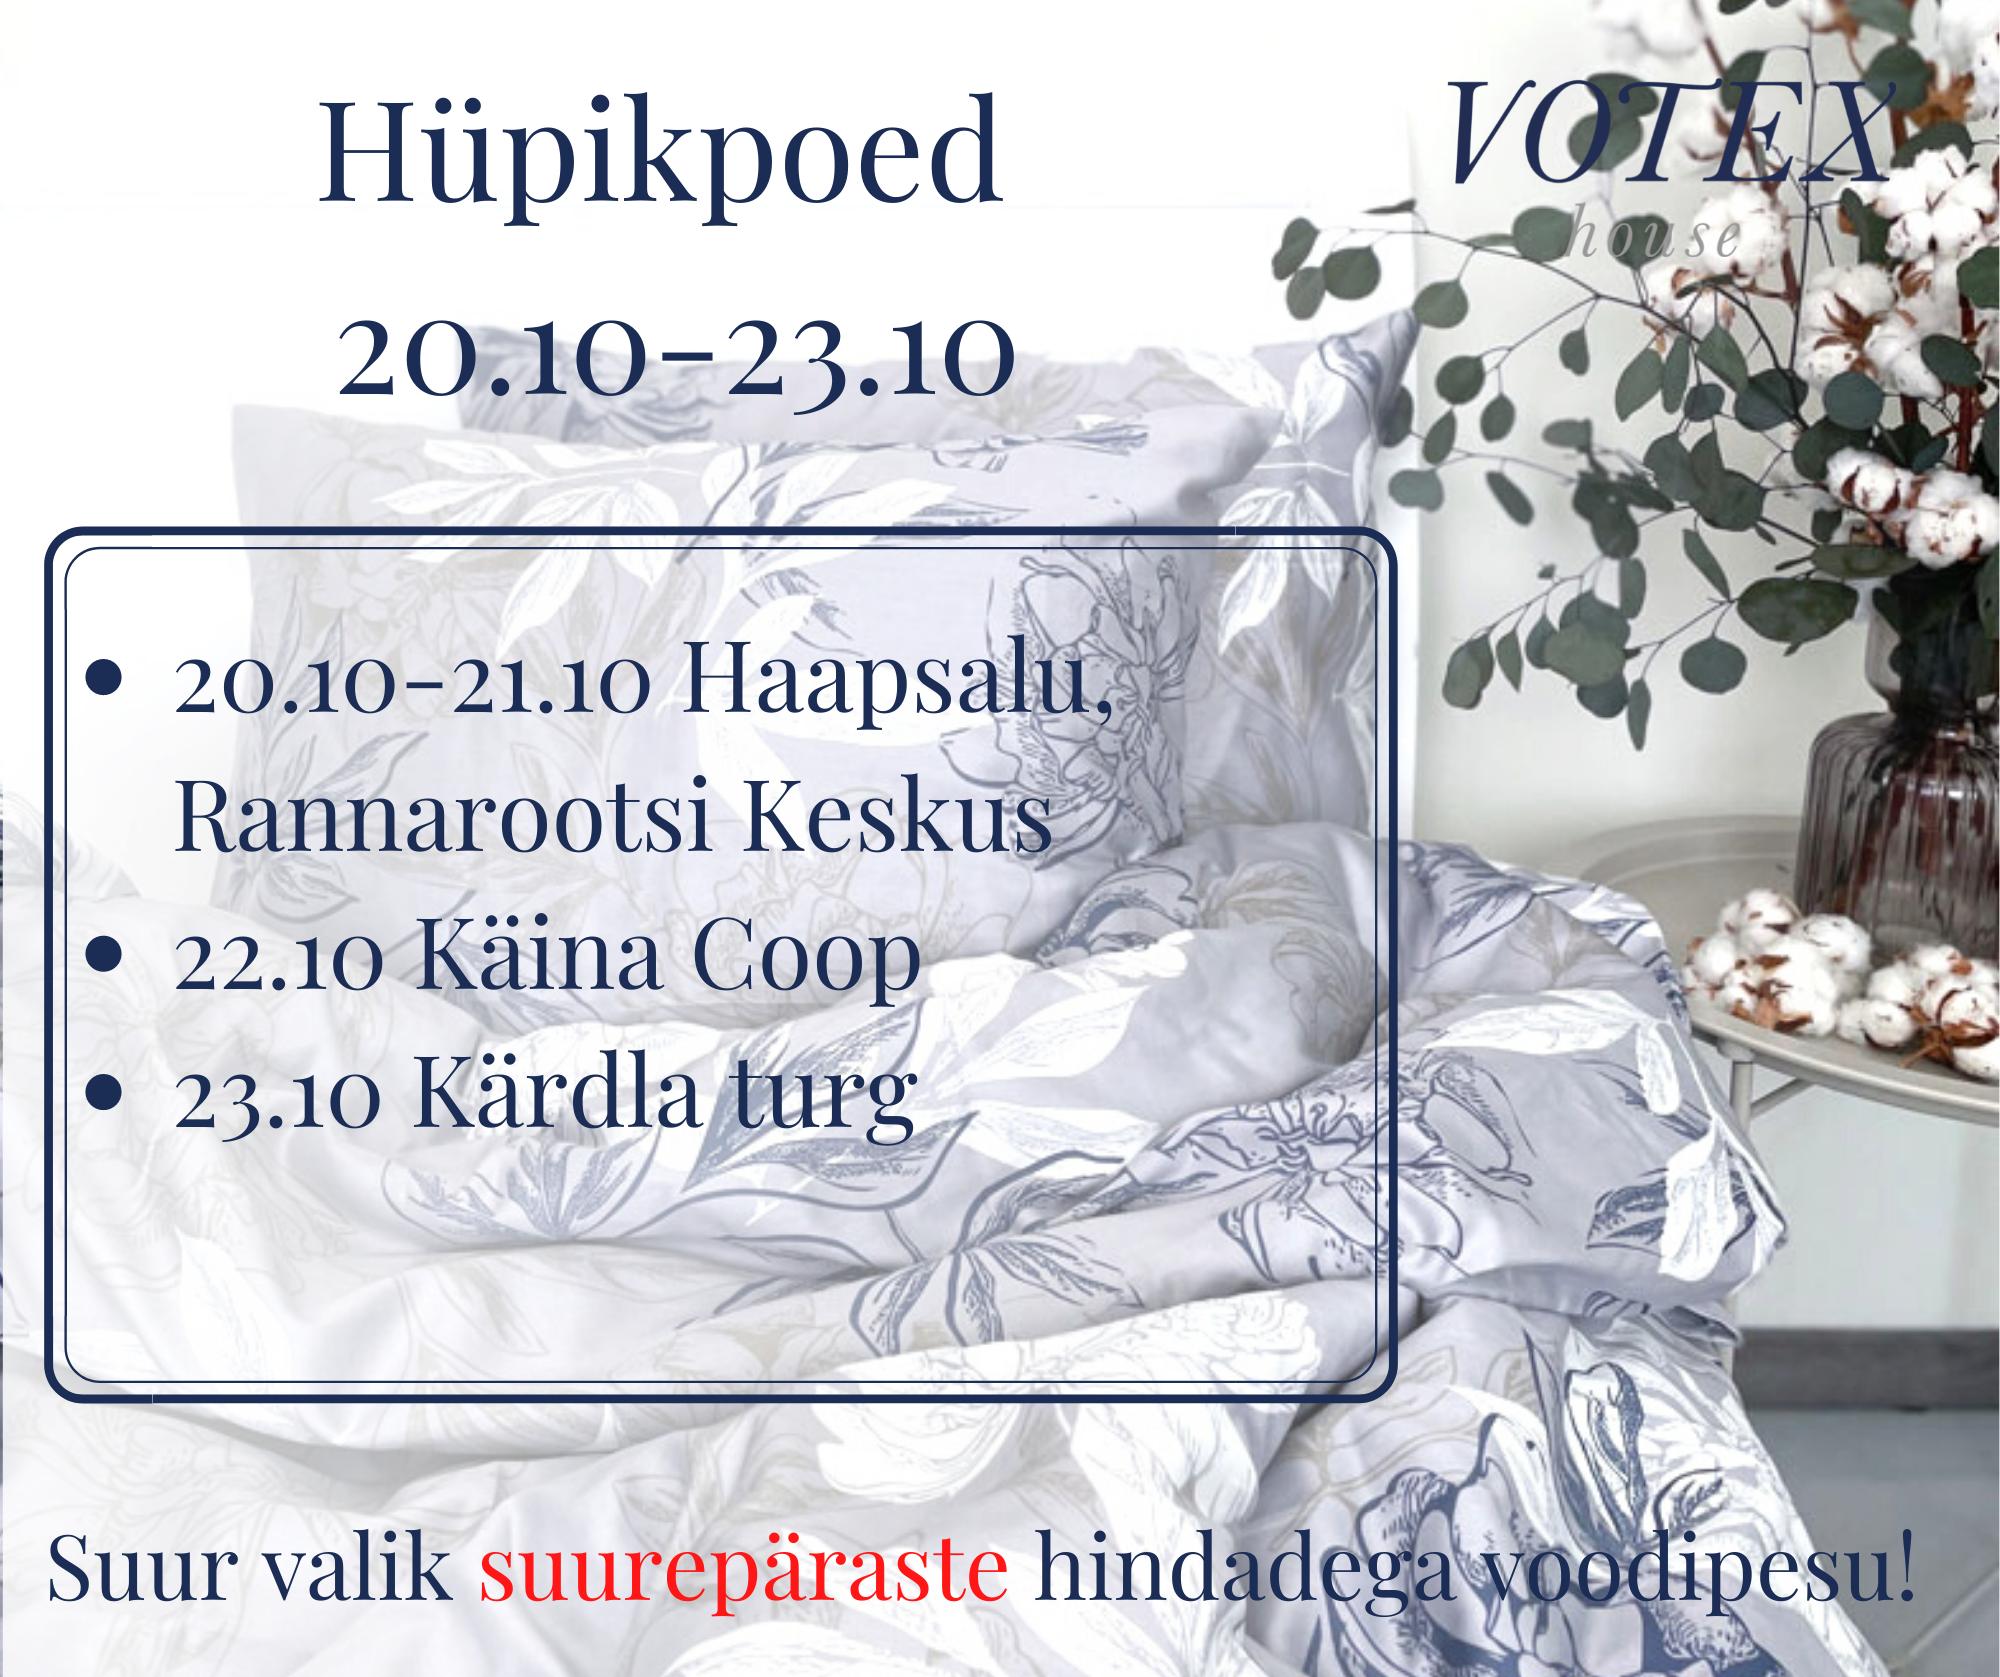 Hüpikpoed 20.10-23.10